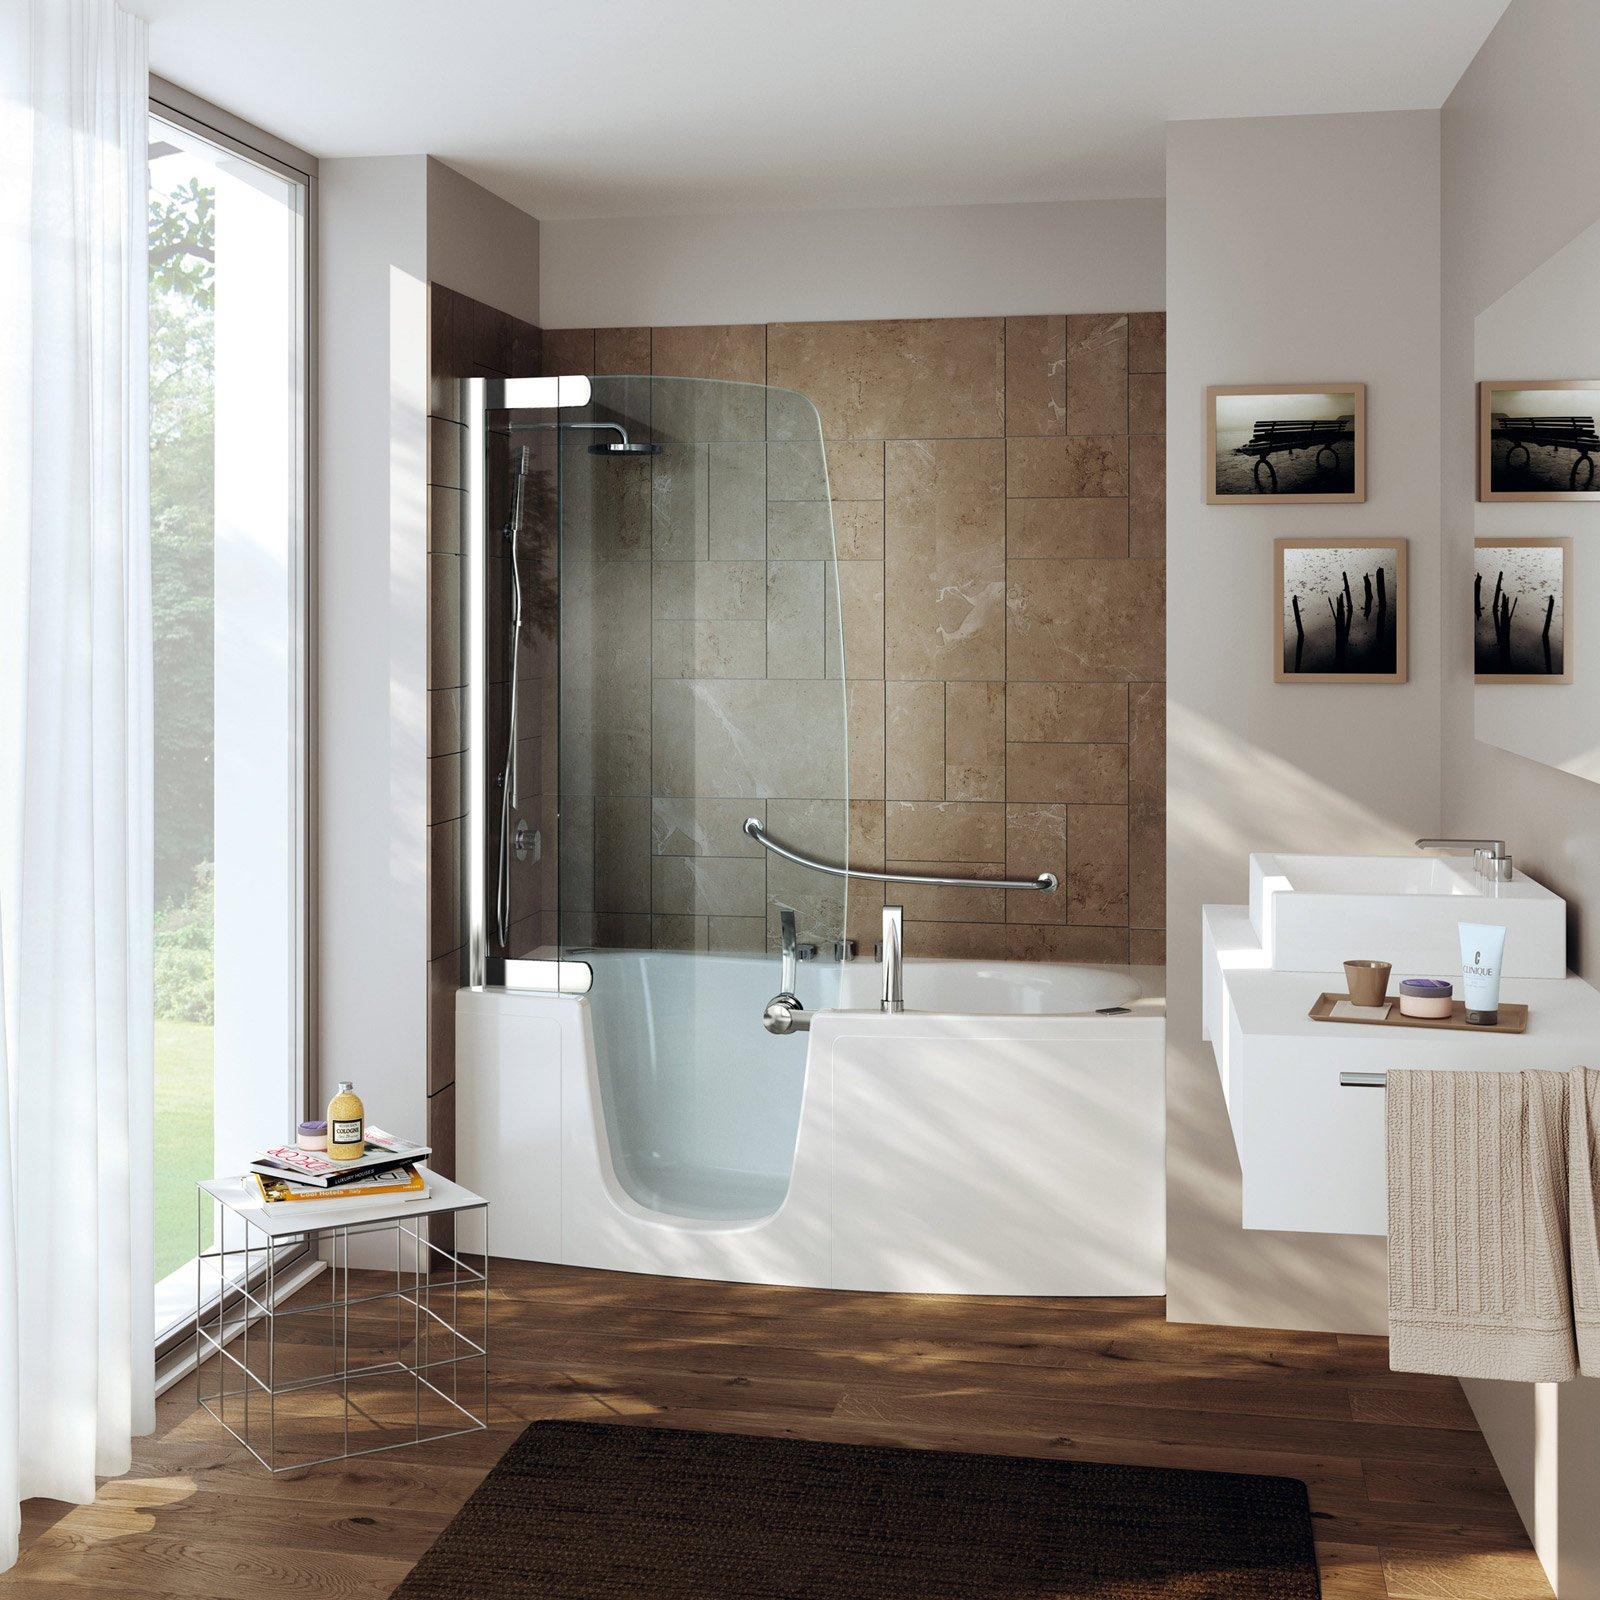 Vasca e doccia insieme cose di casa - Porte per bagni ...